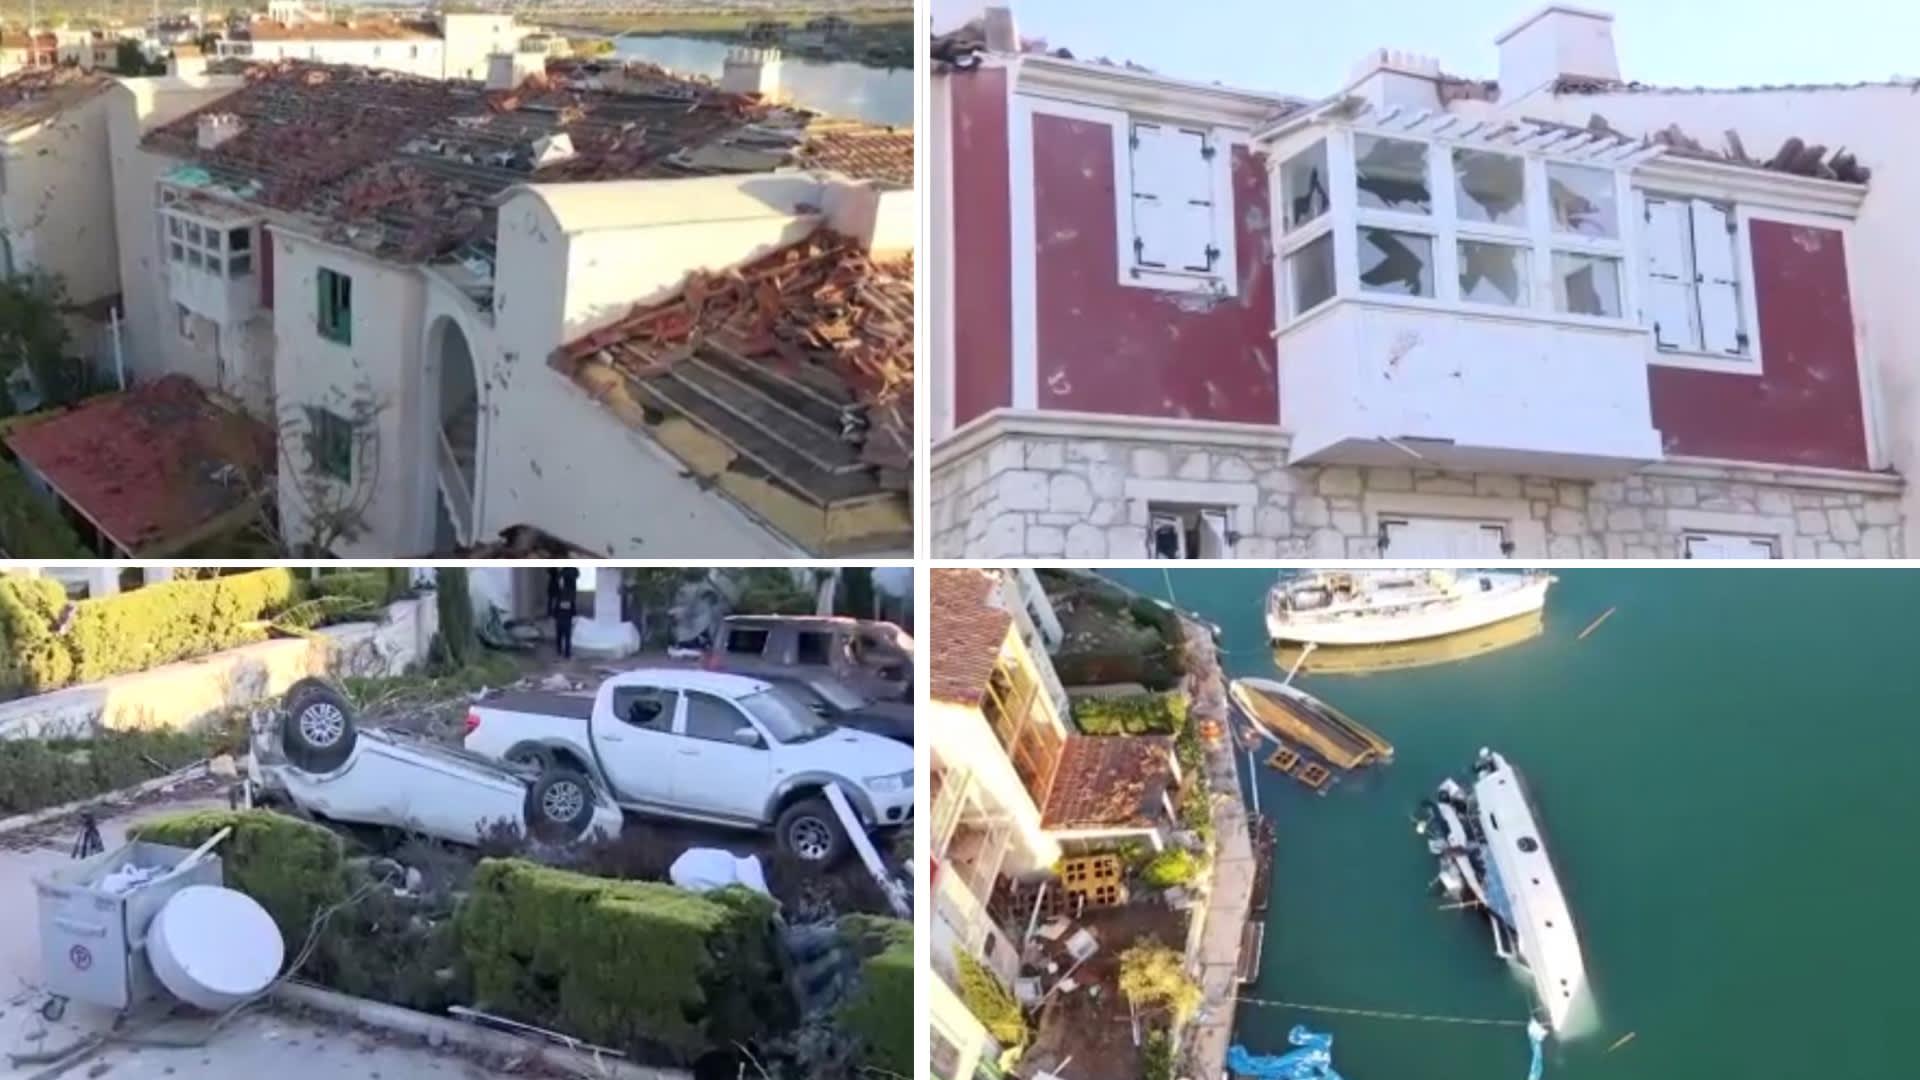 لقطات مُصورة تُظهر حجم أضرار الإعصار المدمر بأزمير في تركيا